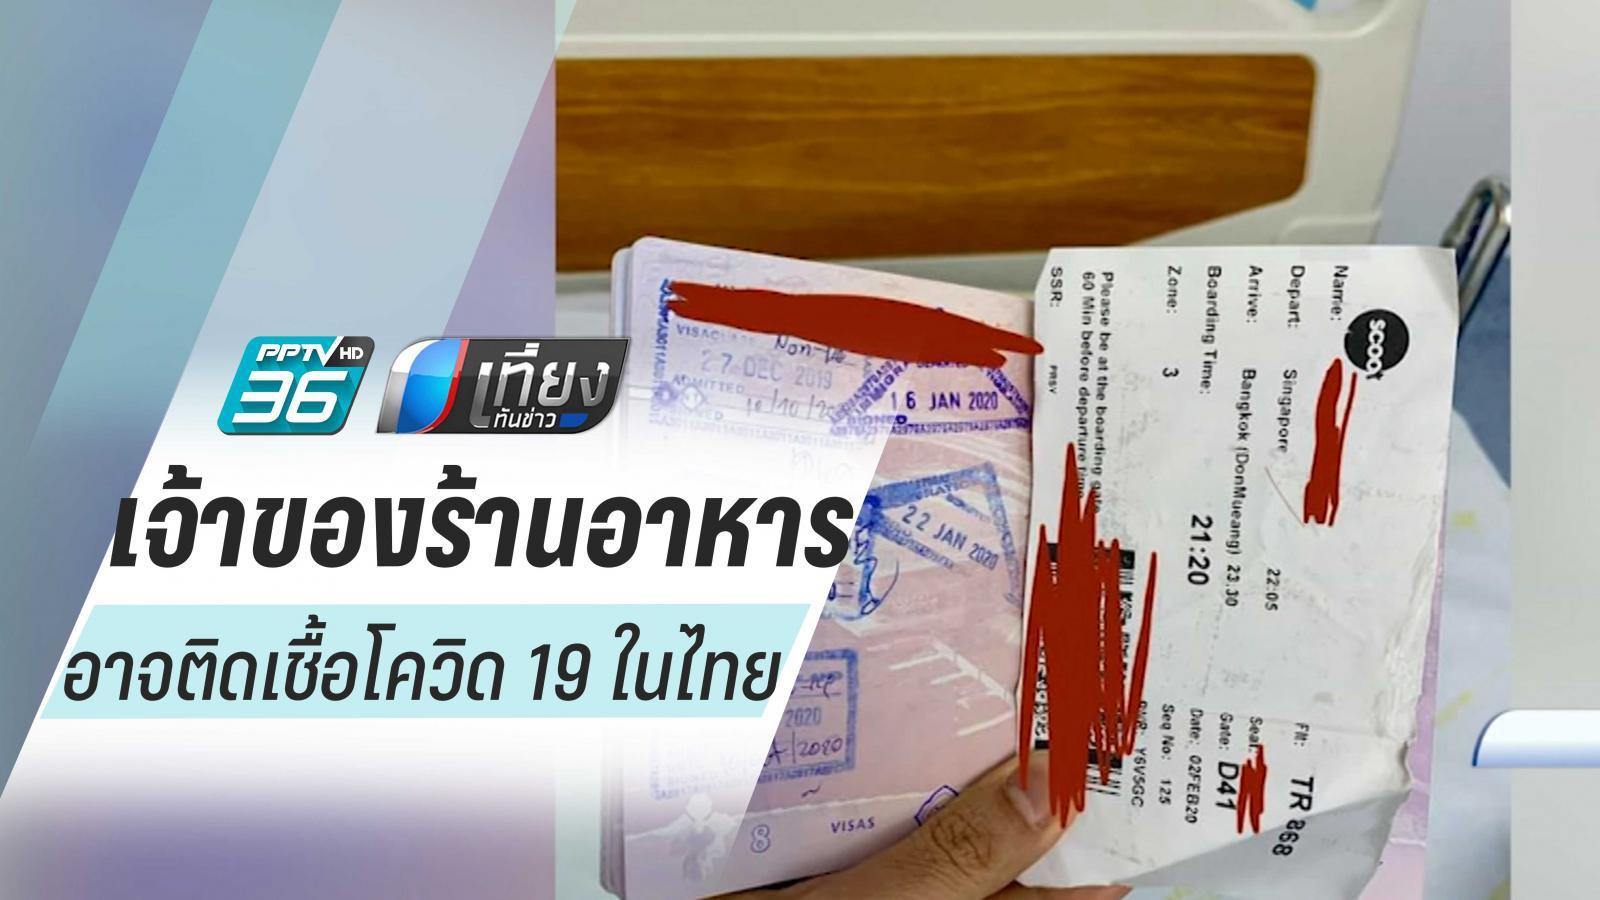 เจ้าของร้านอาหารตั้งข้อสังเกตอาจติดเชื้อโควิด-19 ที่ไทย